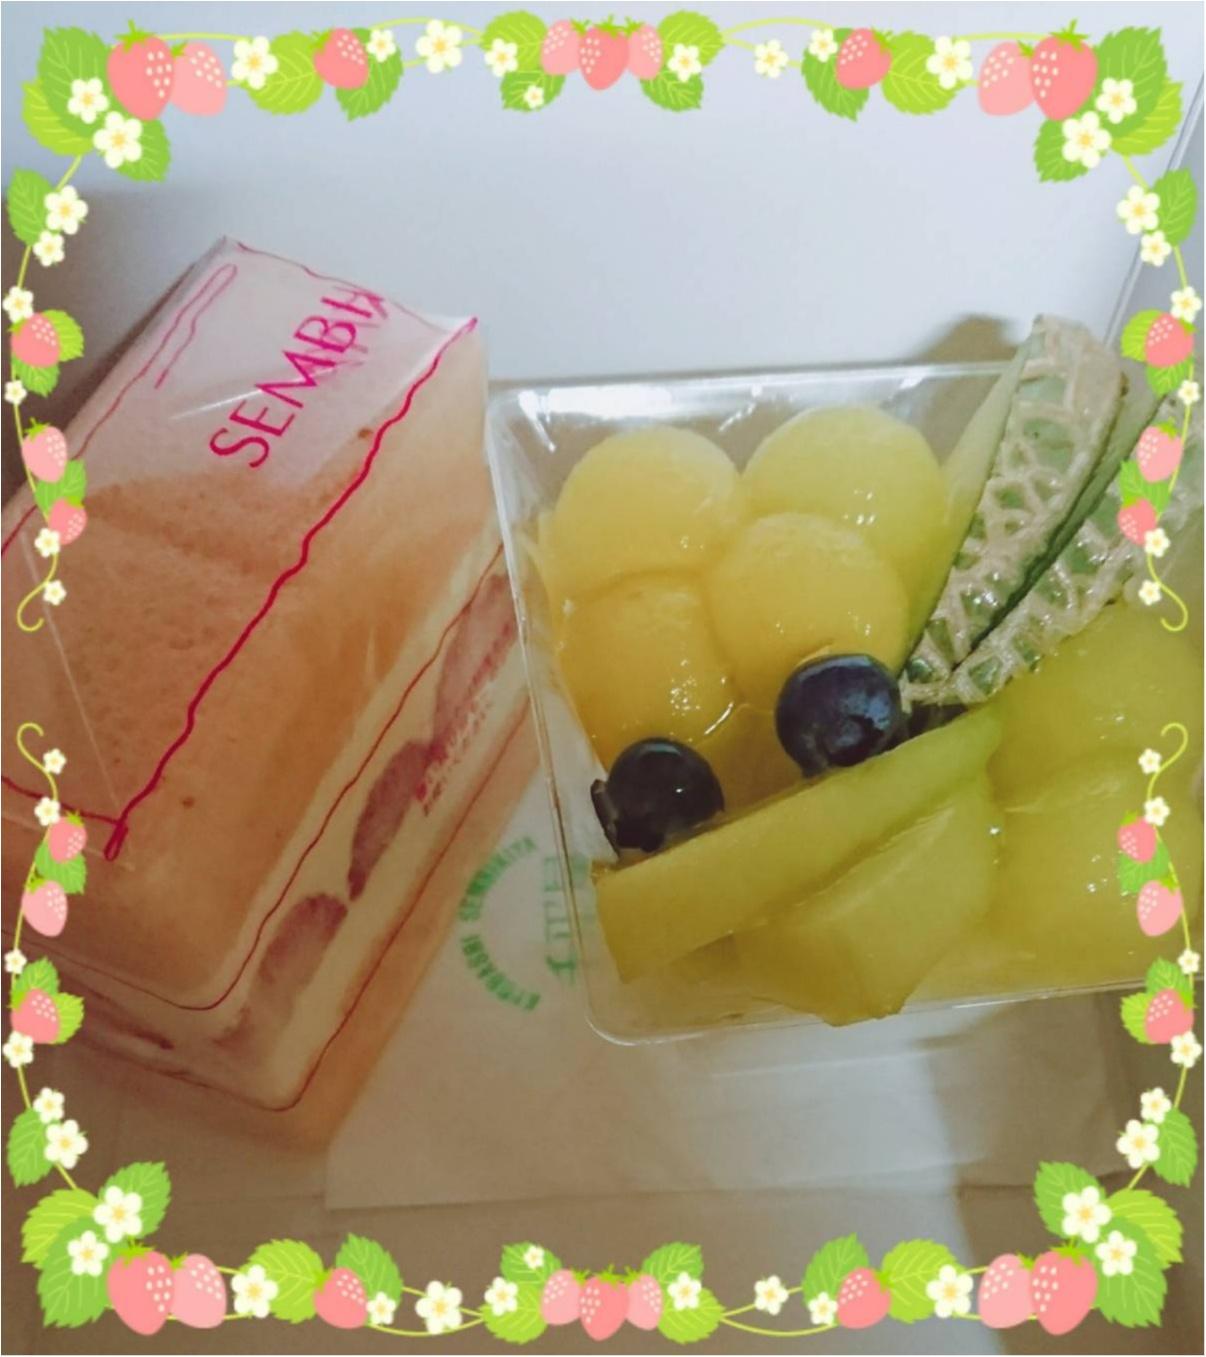 【渋谷ヒカリエShinQs 千疋屋】〈限定〉さくら味のサンドケーキ_1